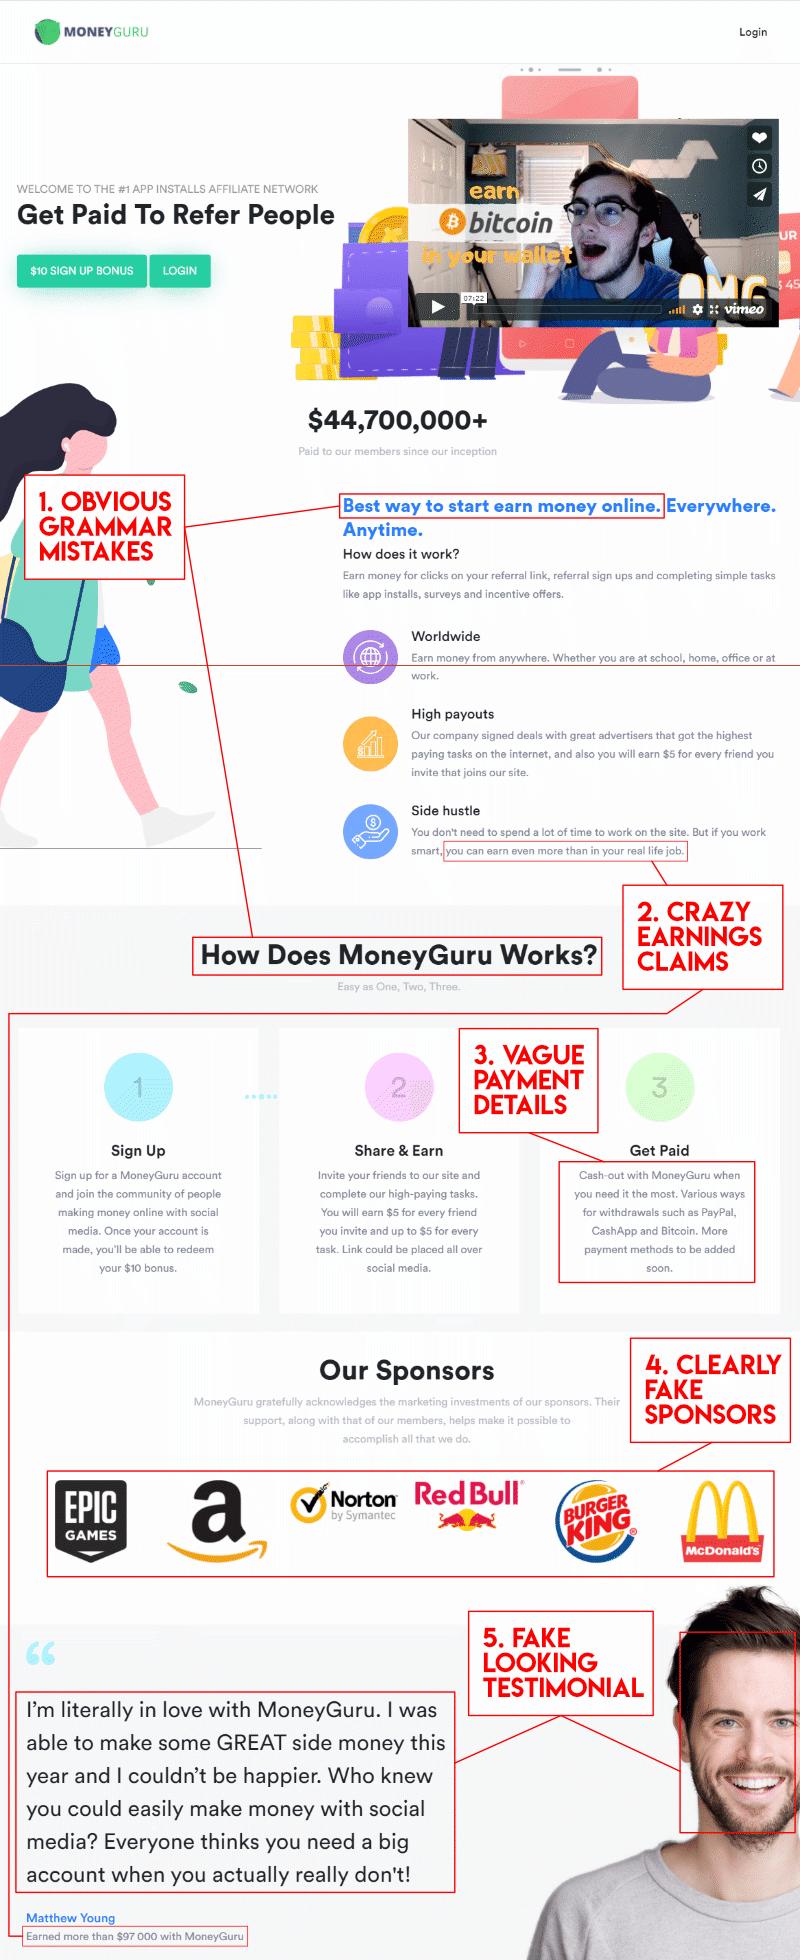 MoneyGuru scam surveys. Quick look at this scam GPT site.